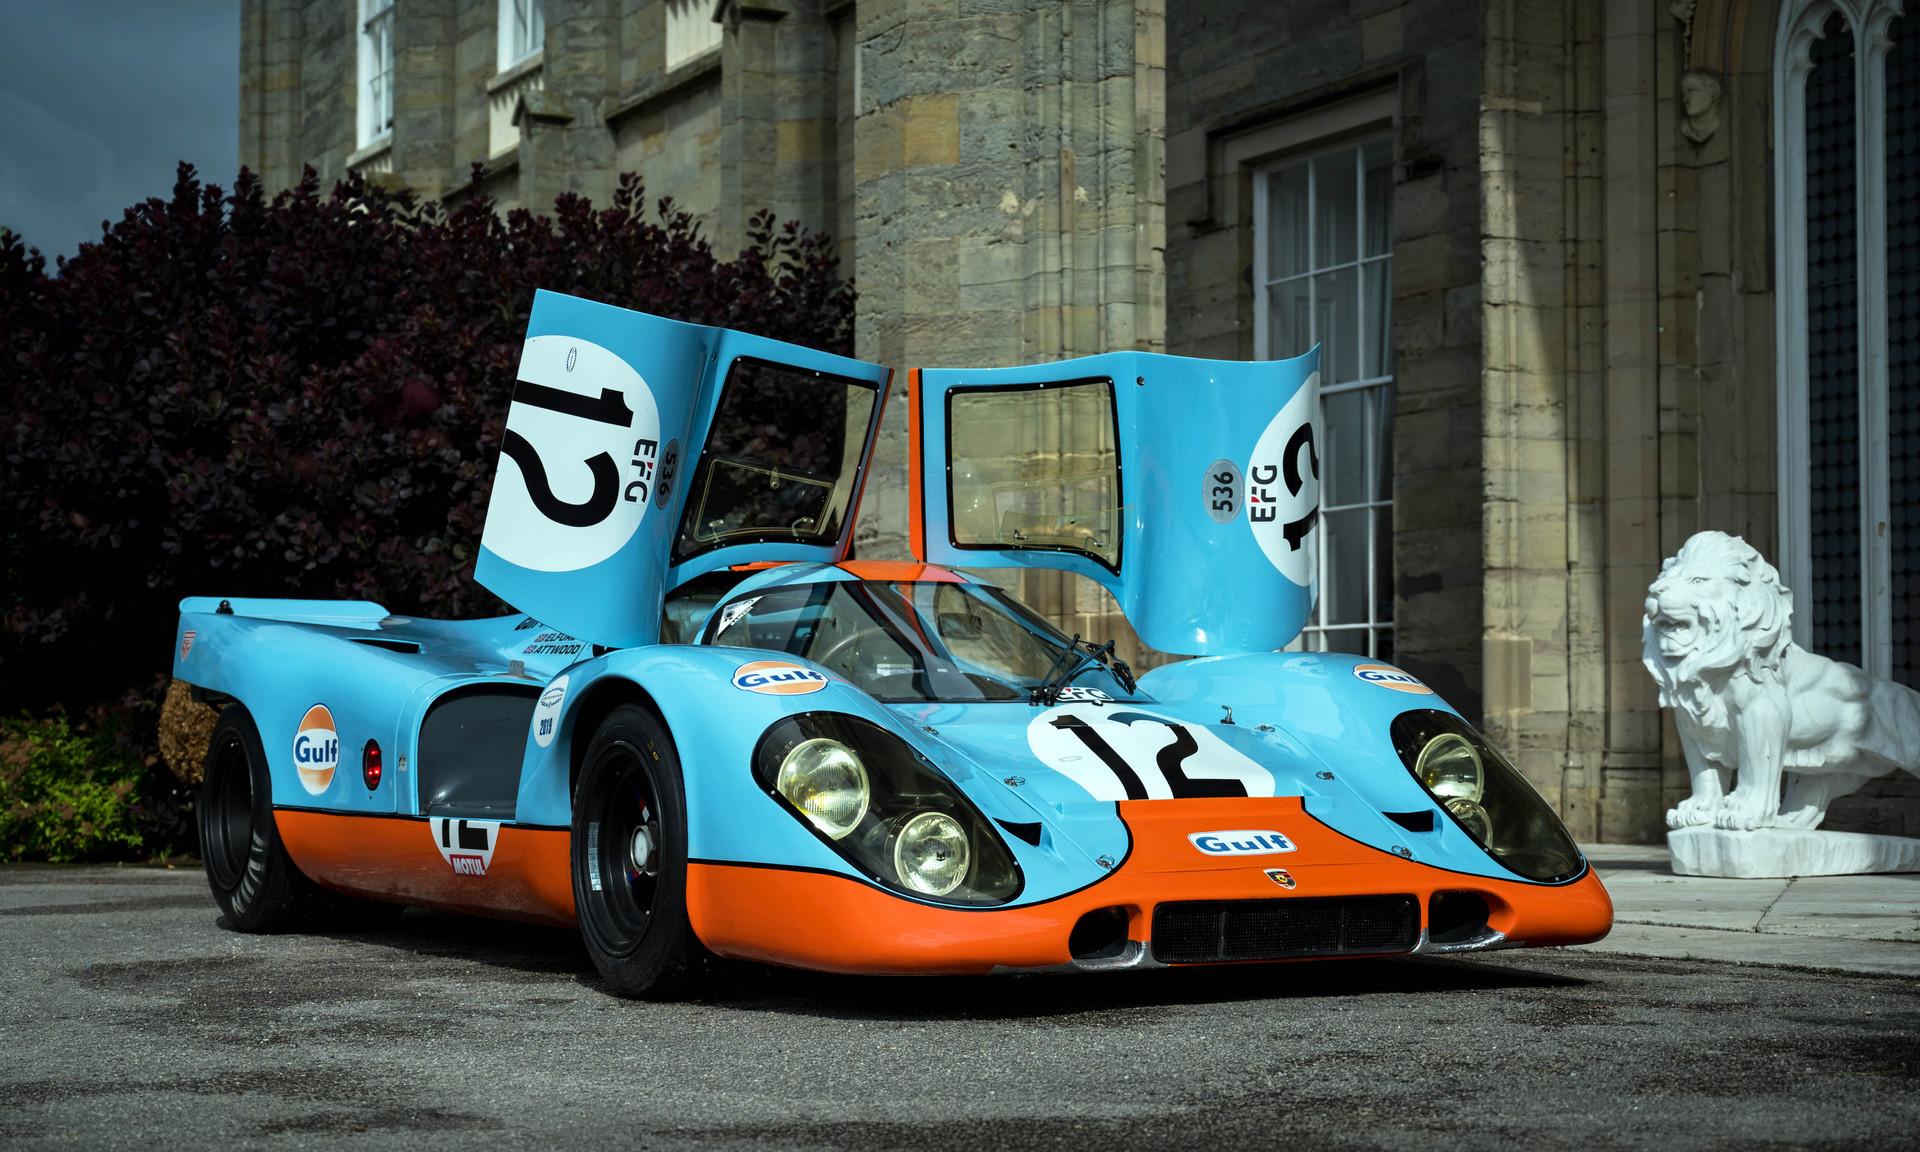 1969 Gulf Racing Porsche 917